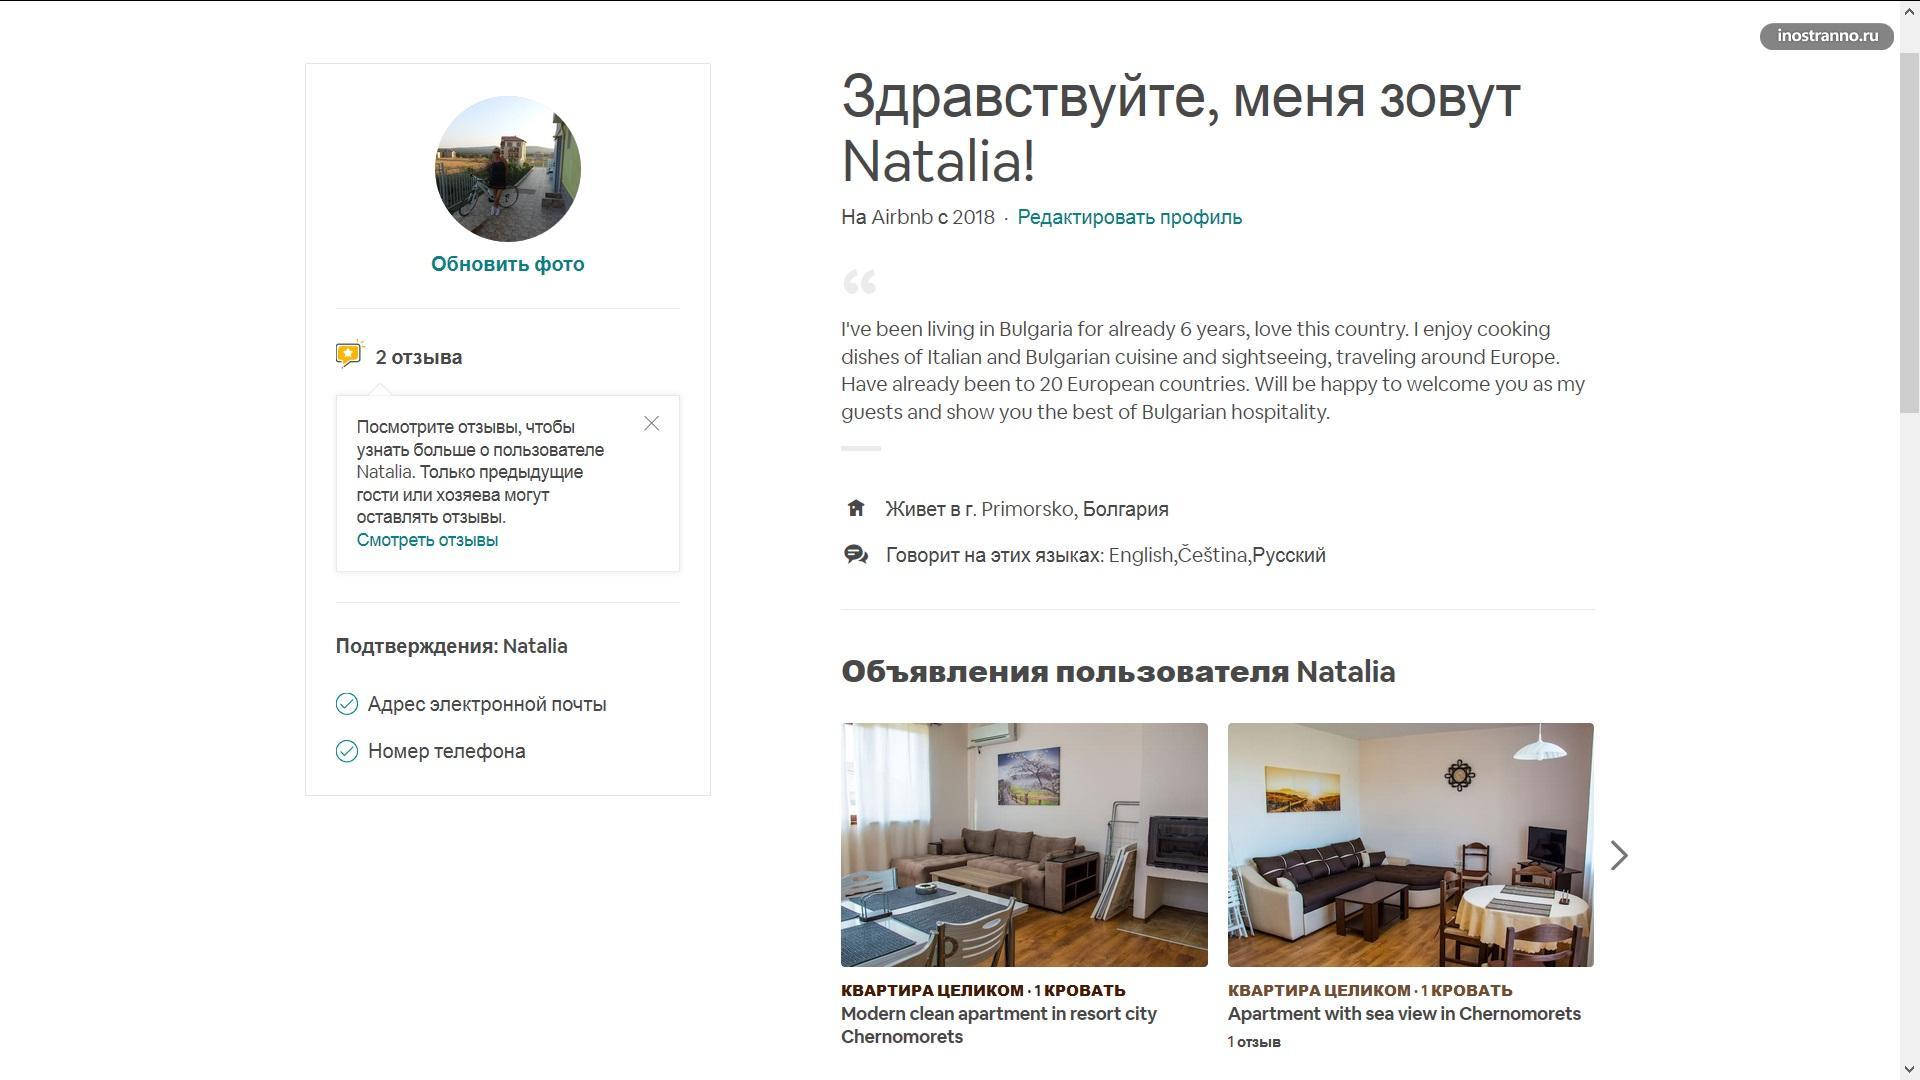 Профиль хозяина жилья на Airbnb